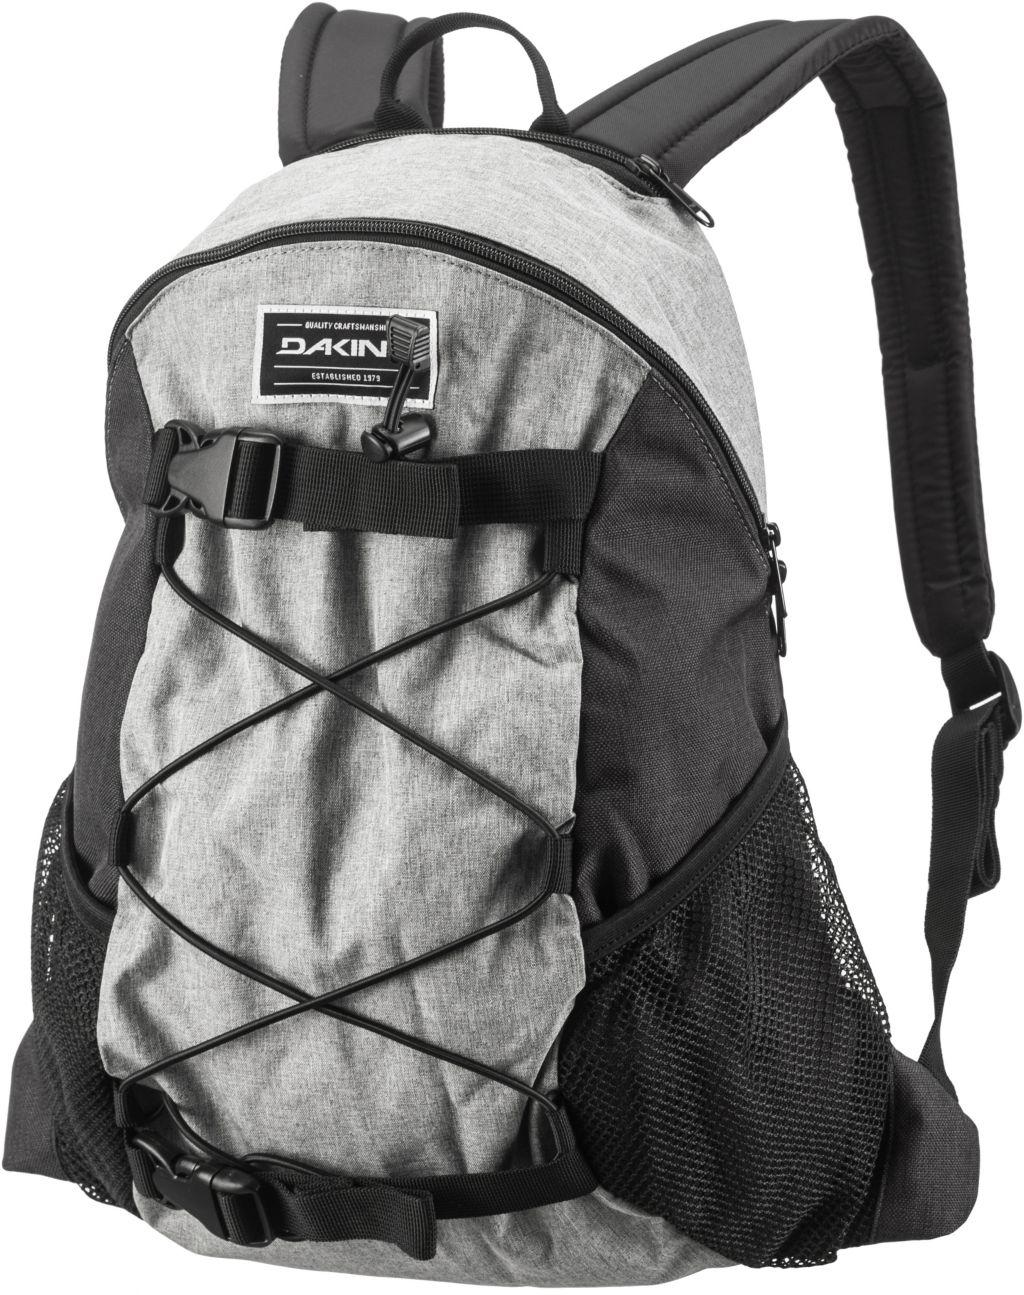 Wonder 15L Daypack in grau/ schwarz